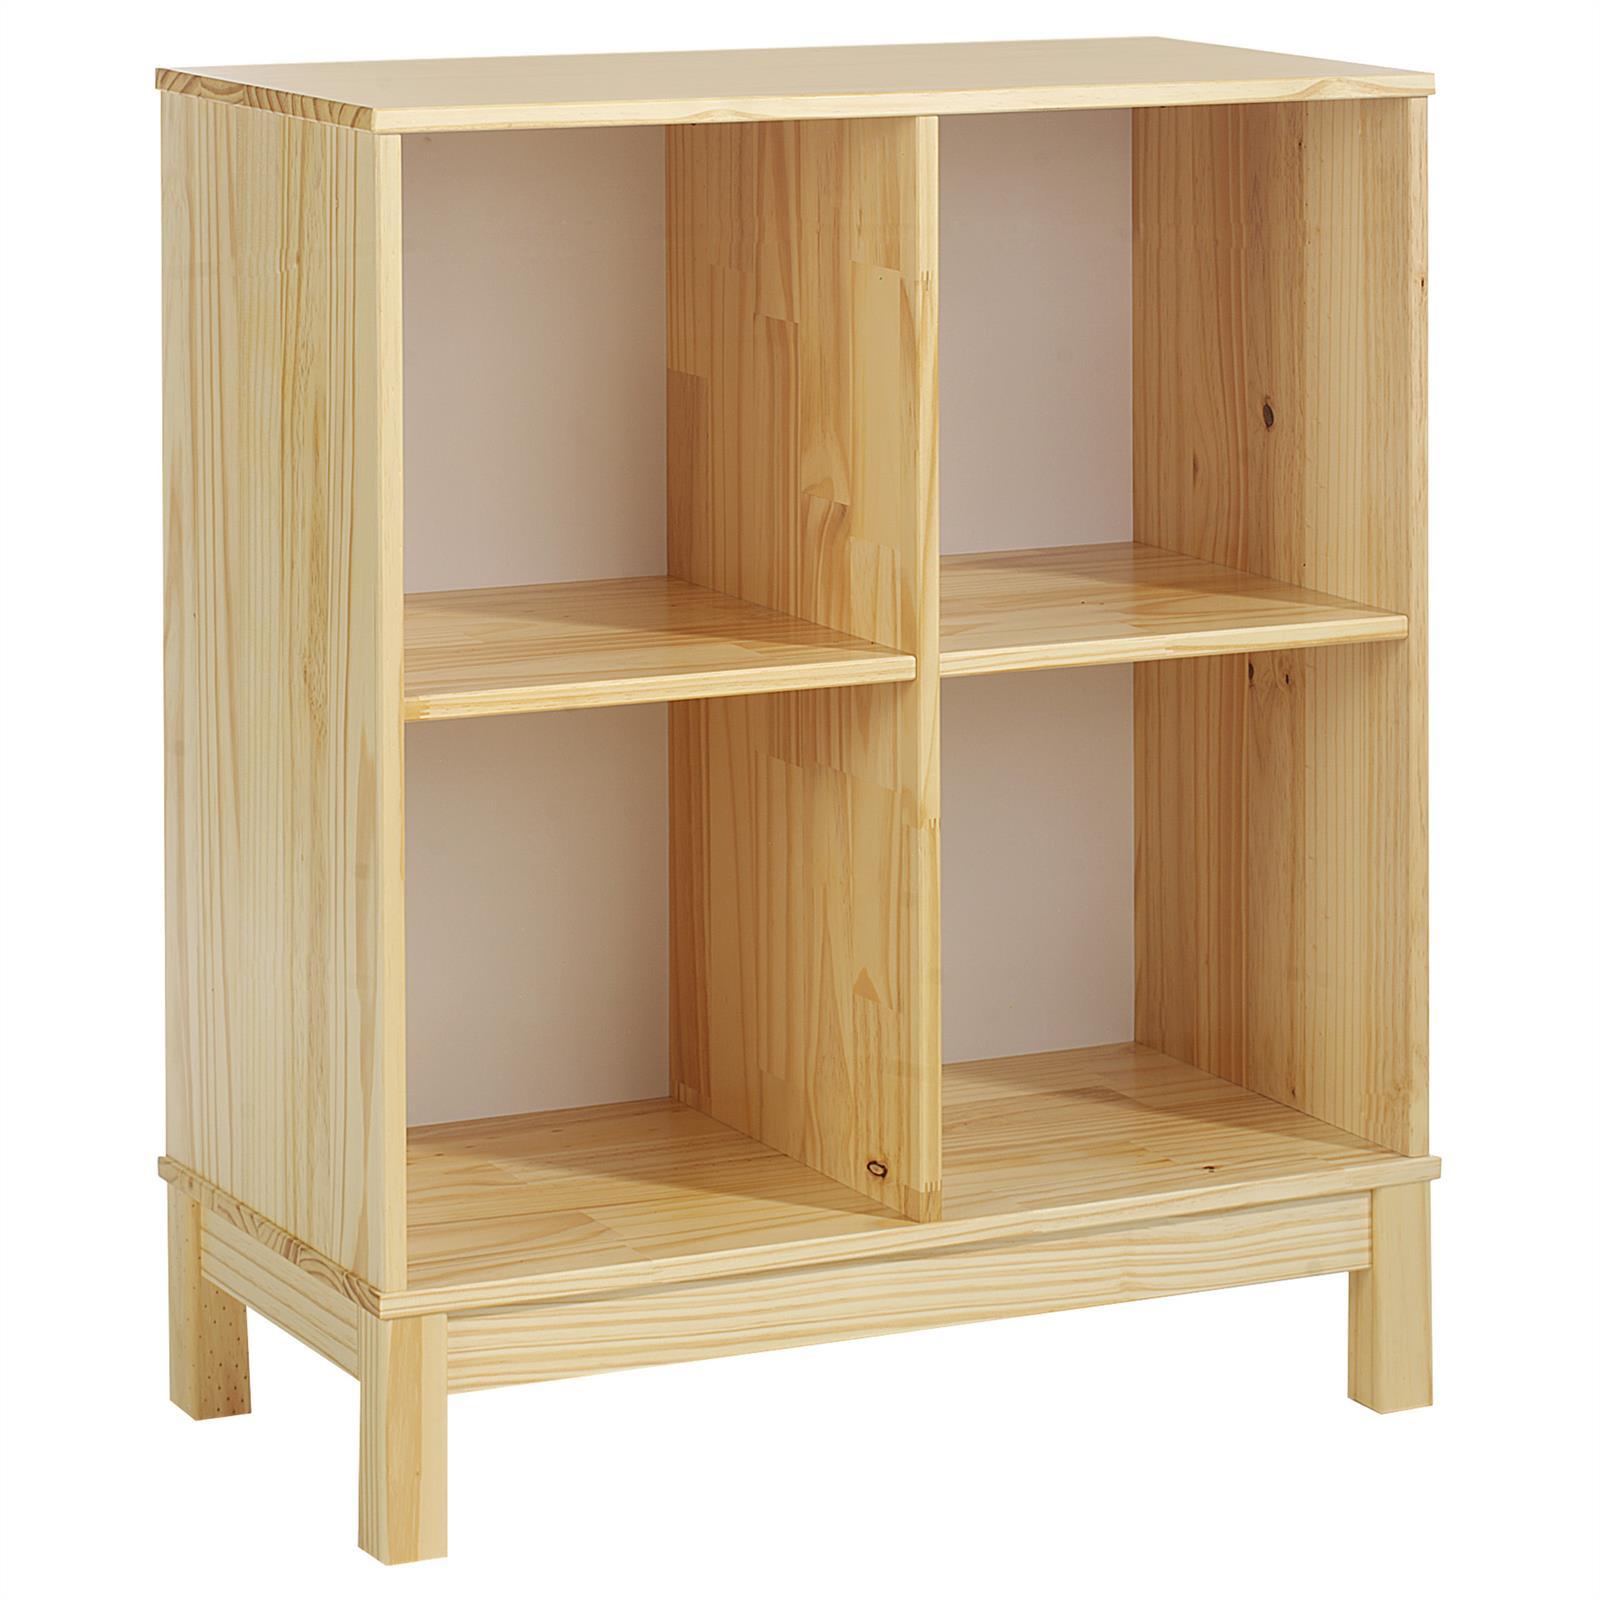 regal standregal logo 4 f cher kiefer natur mobilia24. Black Bedroom Furniture Sets. Home Design Ideas